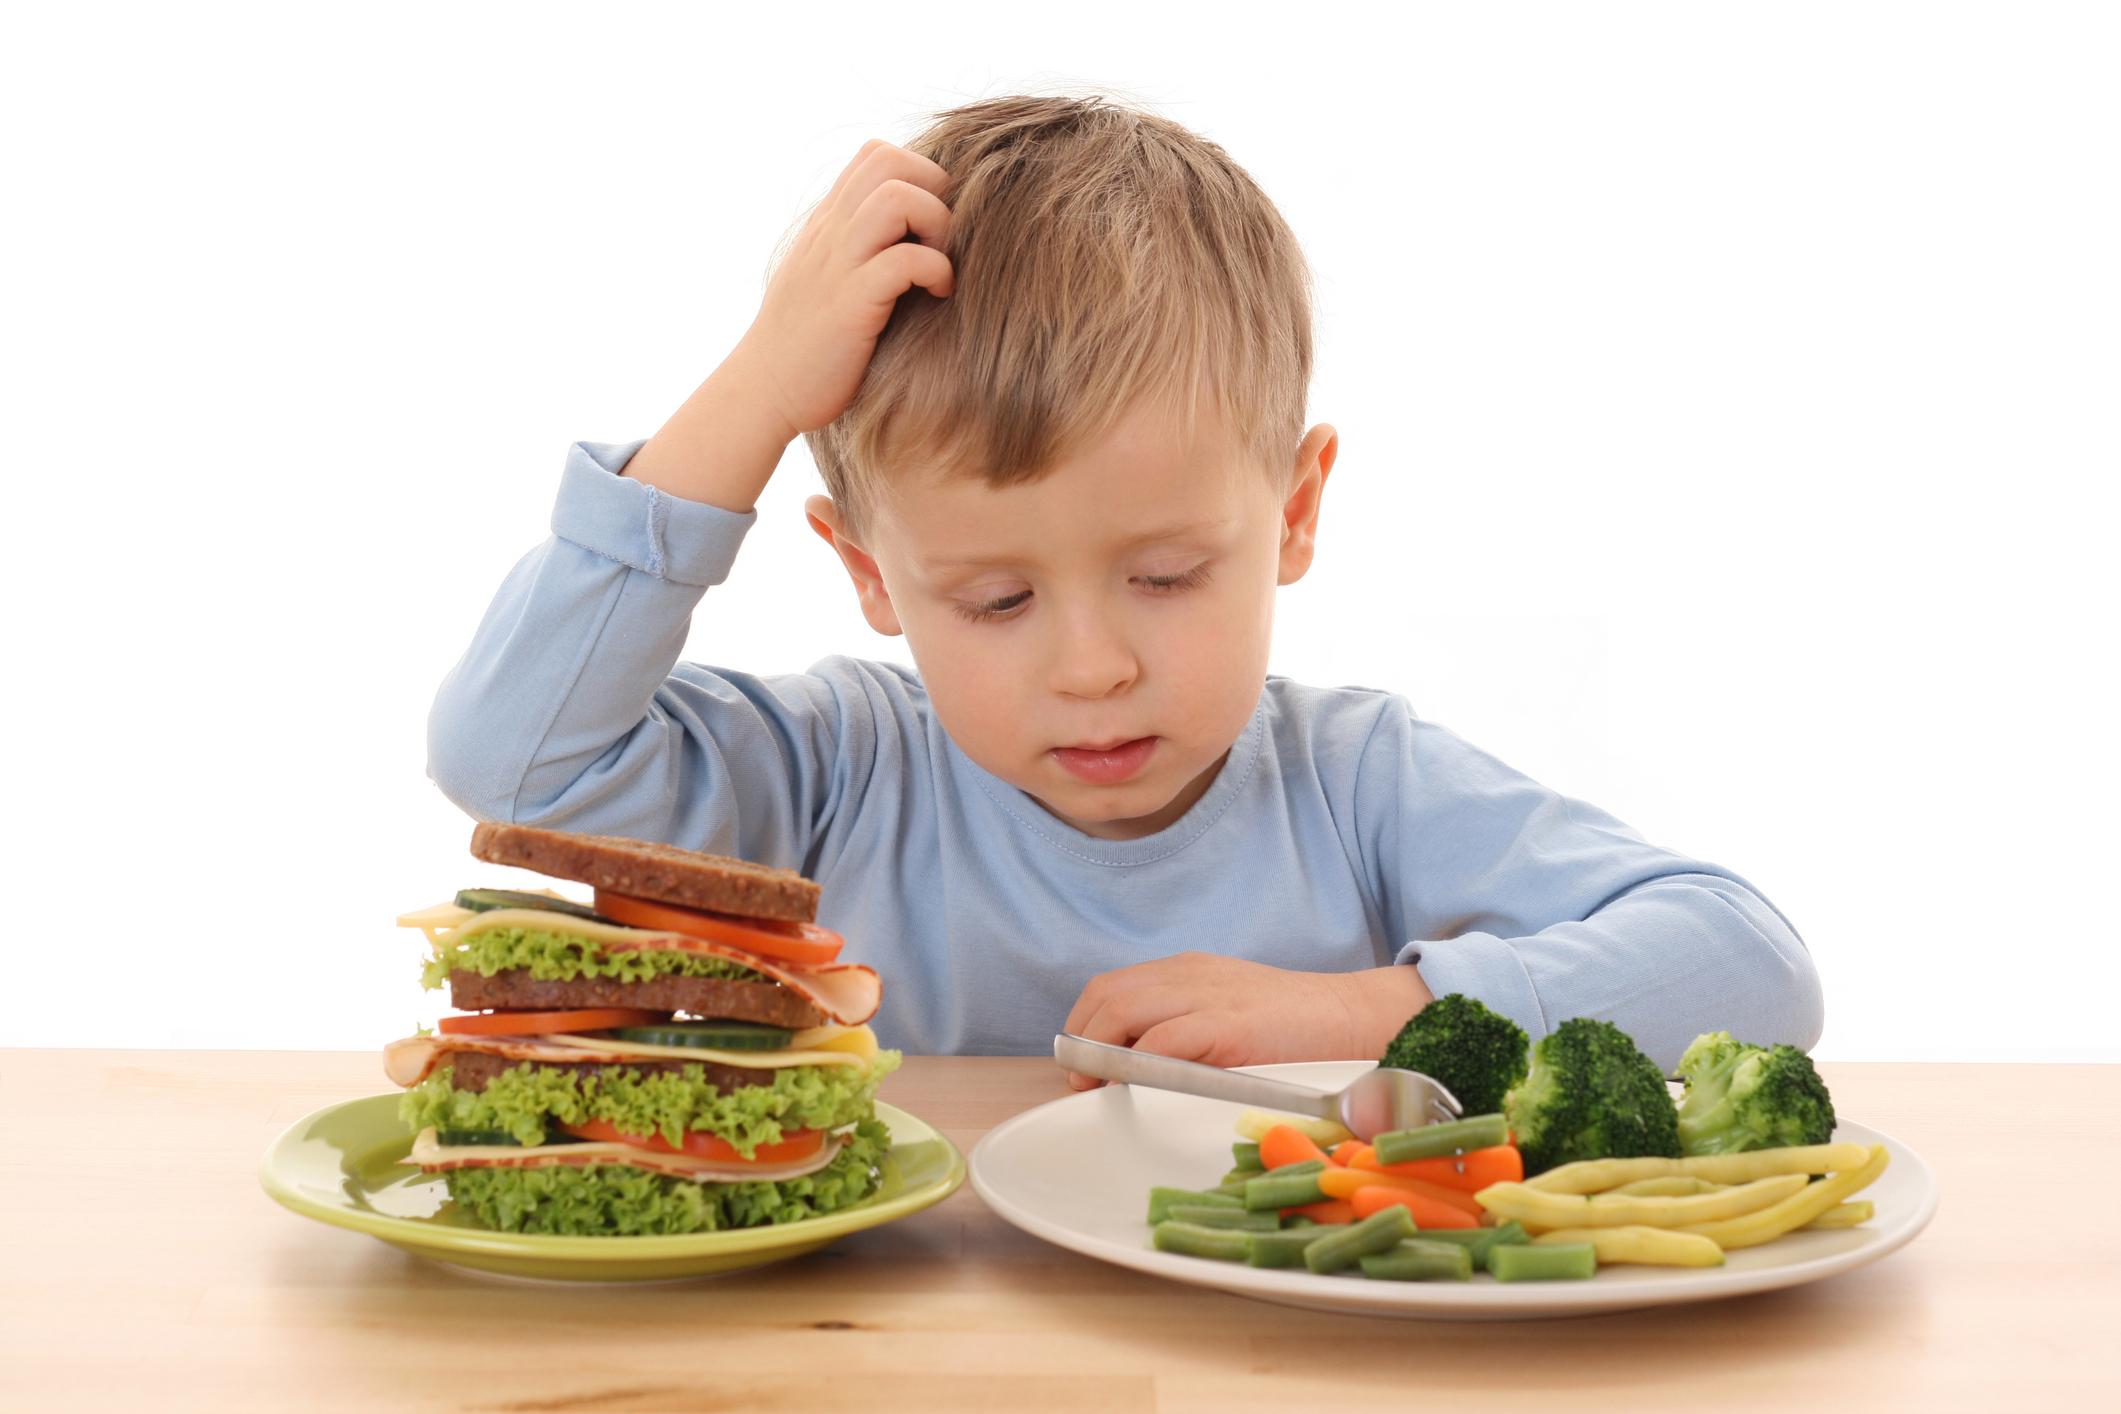 Mangiare bio fa bene alla salute - Cambia La Terra